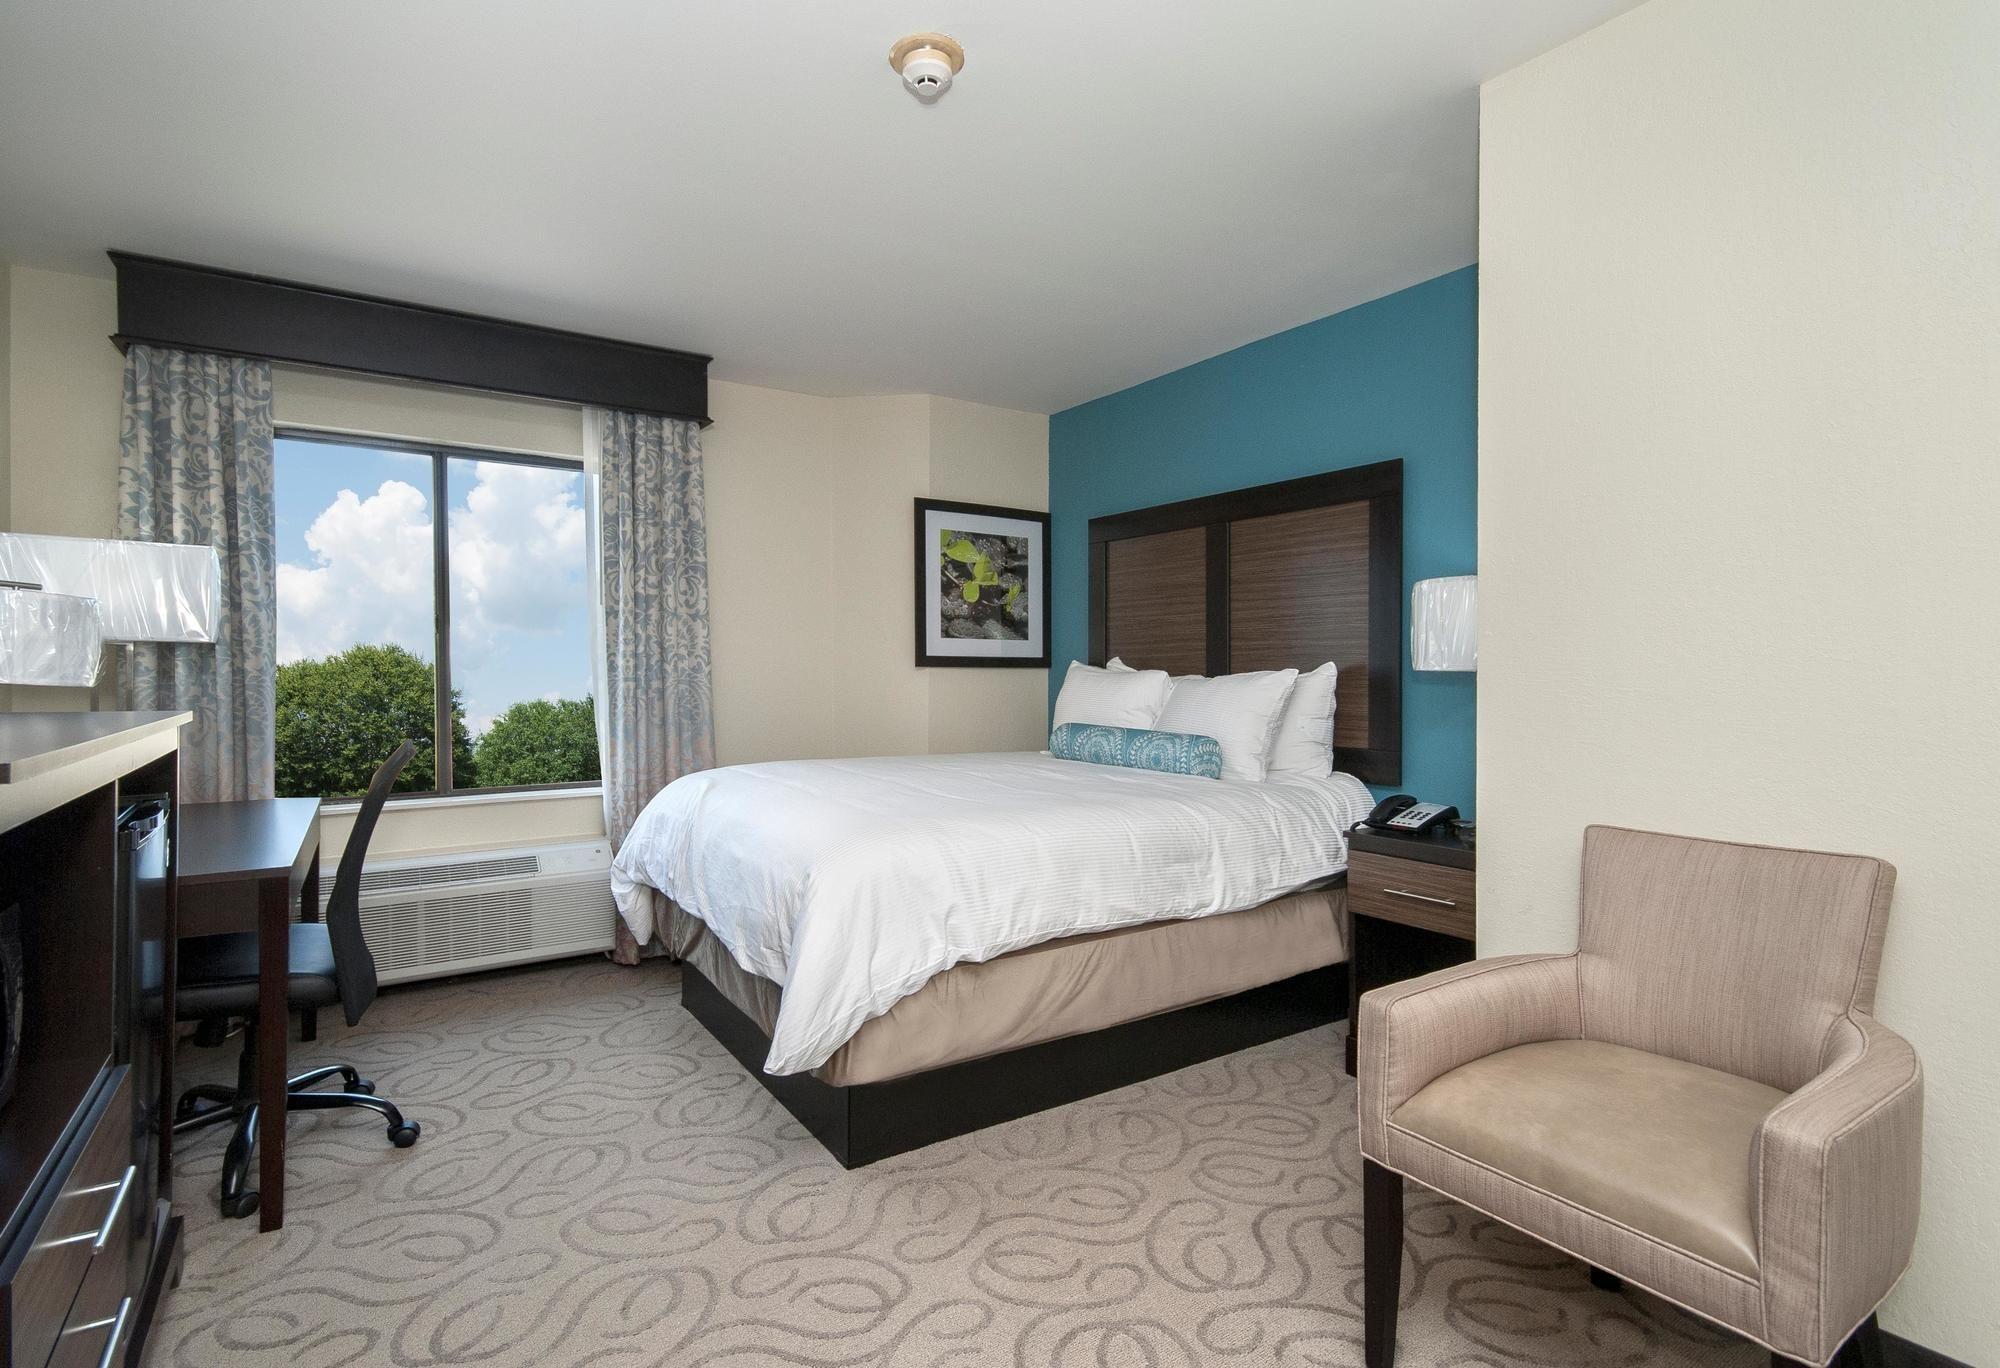 Sleep Inn in Travelers Rest, SC